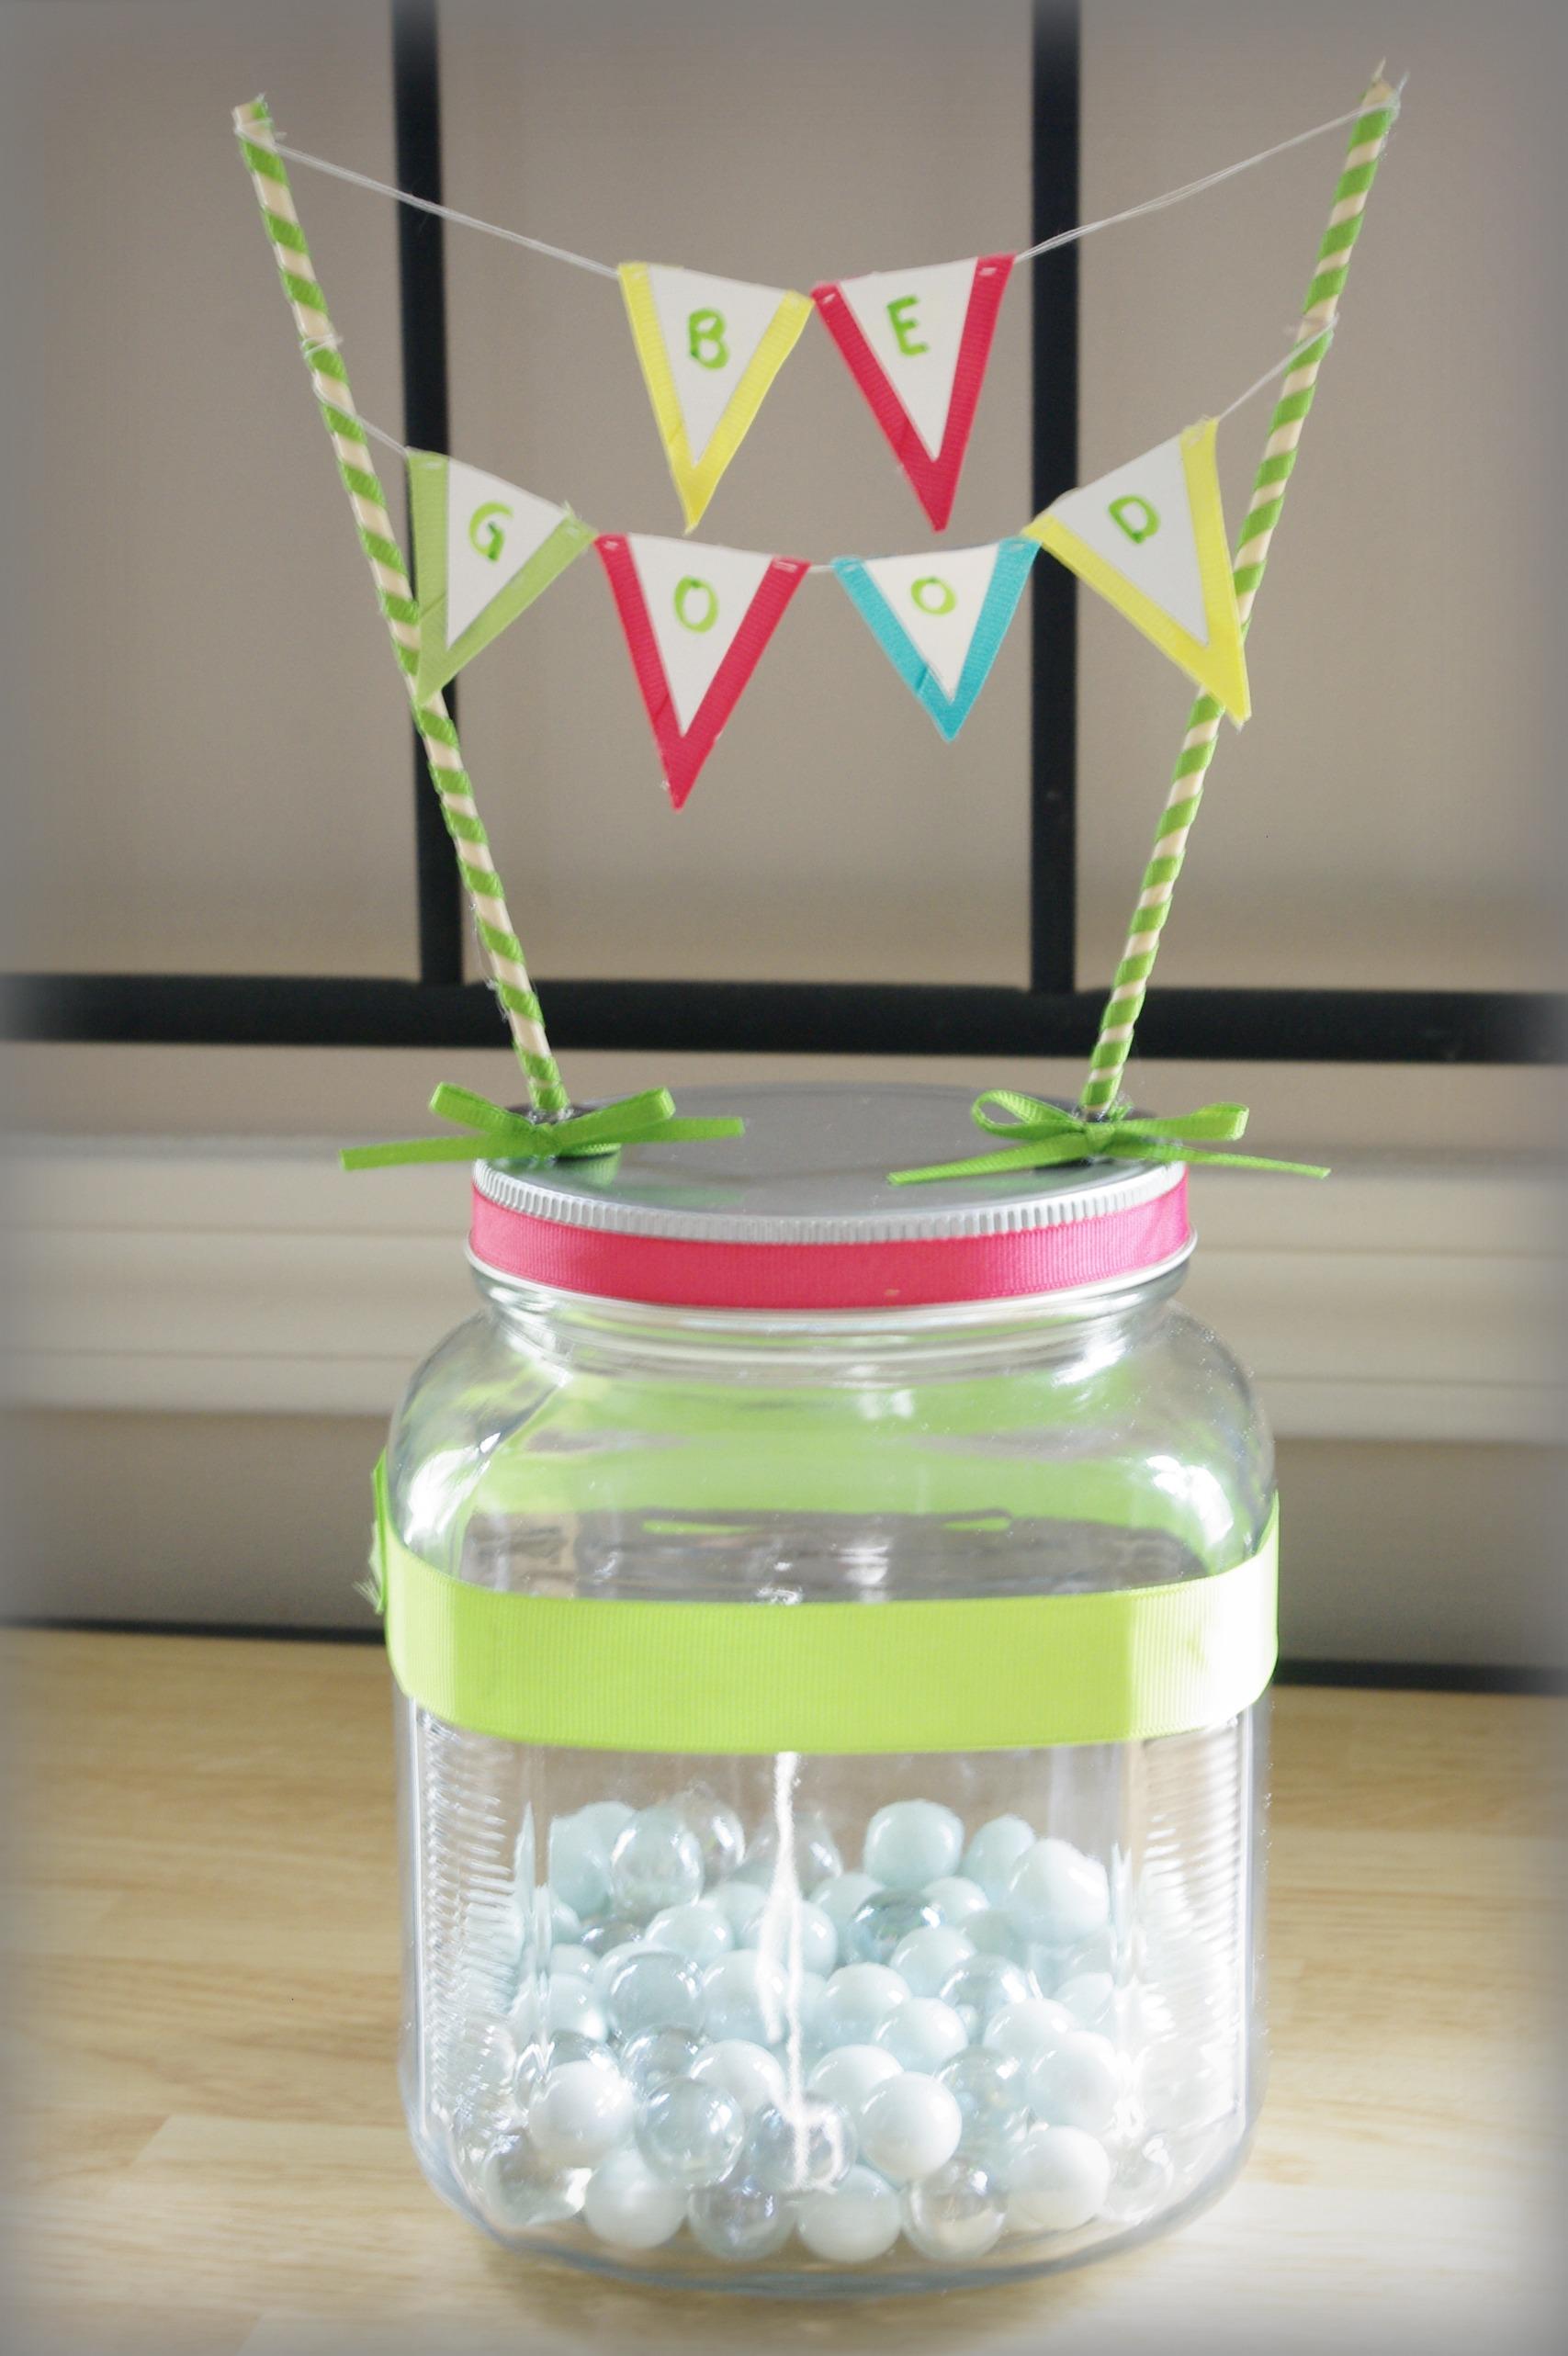 Save That Jar Glass Jar Craft Ideas Entirely Smitten